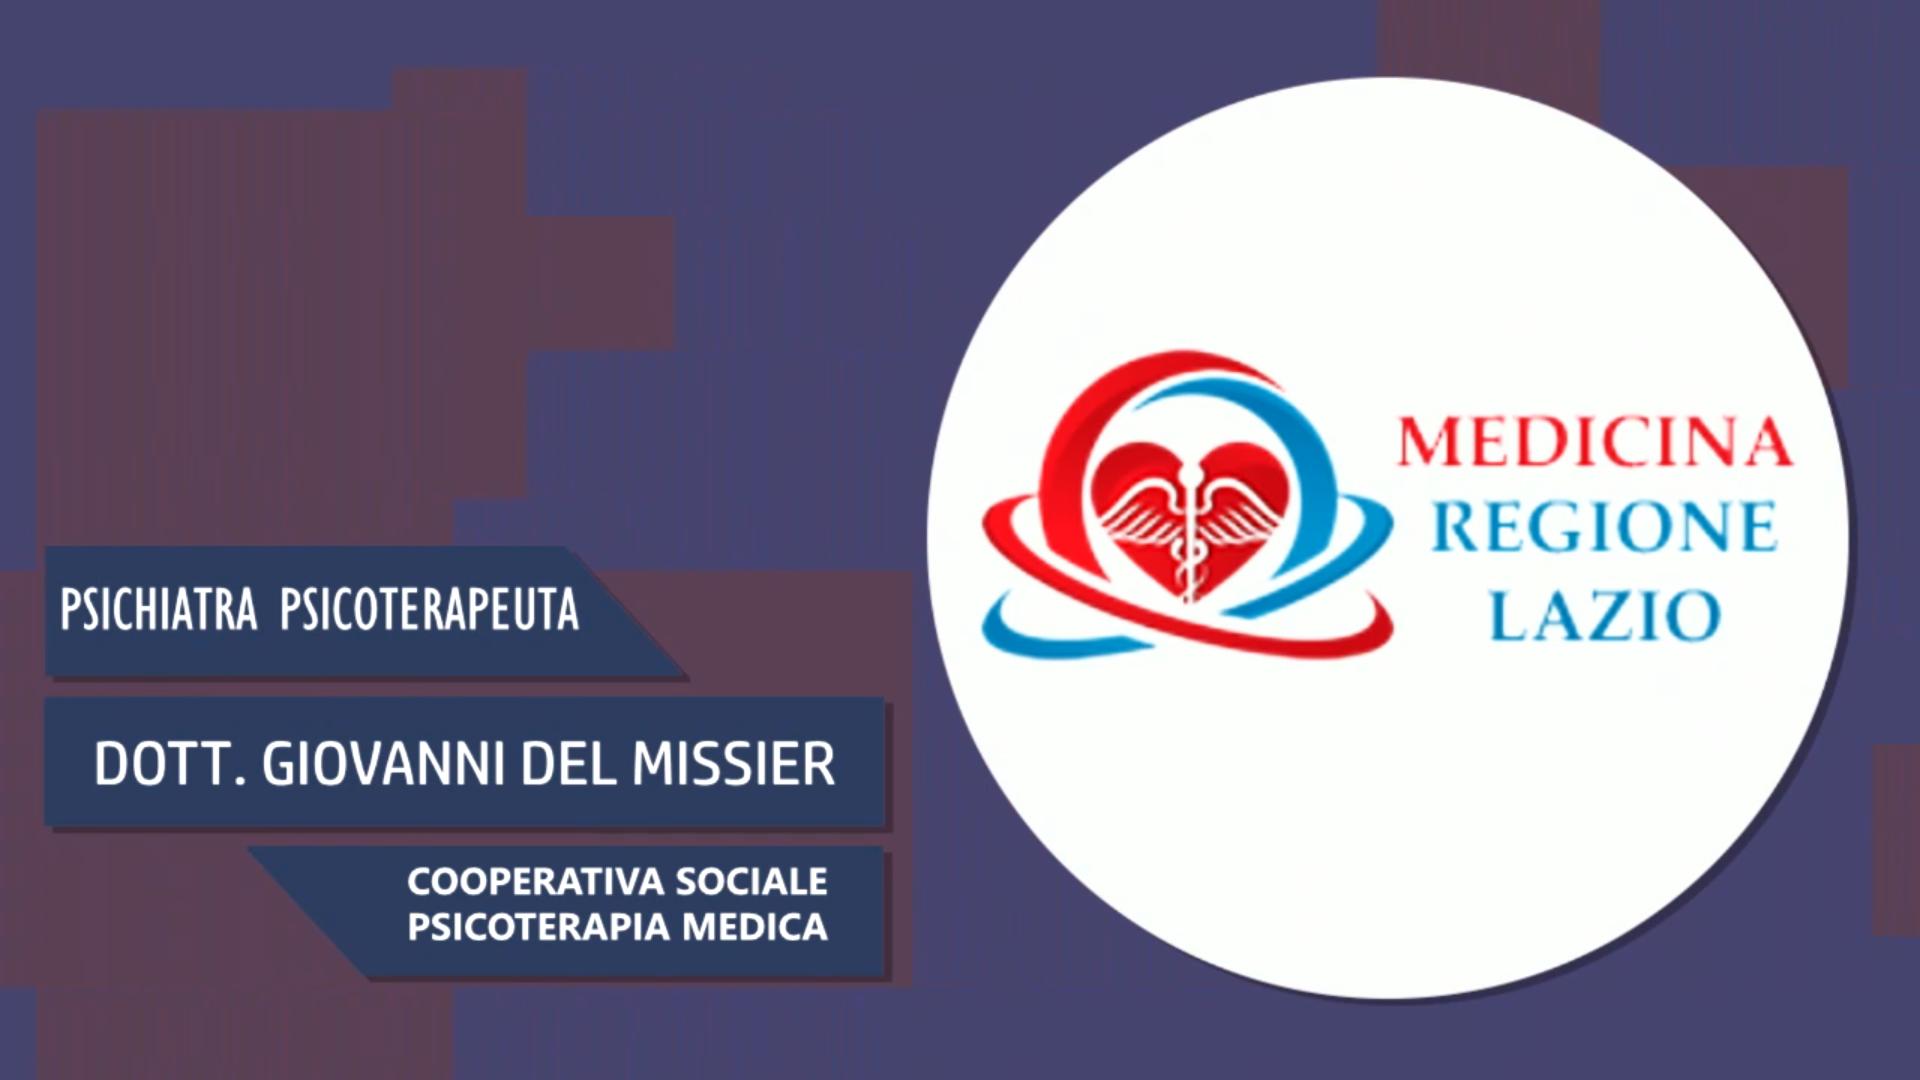 Intervista al Dott. Giovanni Del Missier – Cooperativa sociale psicoterapia medica